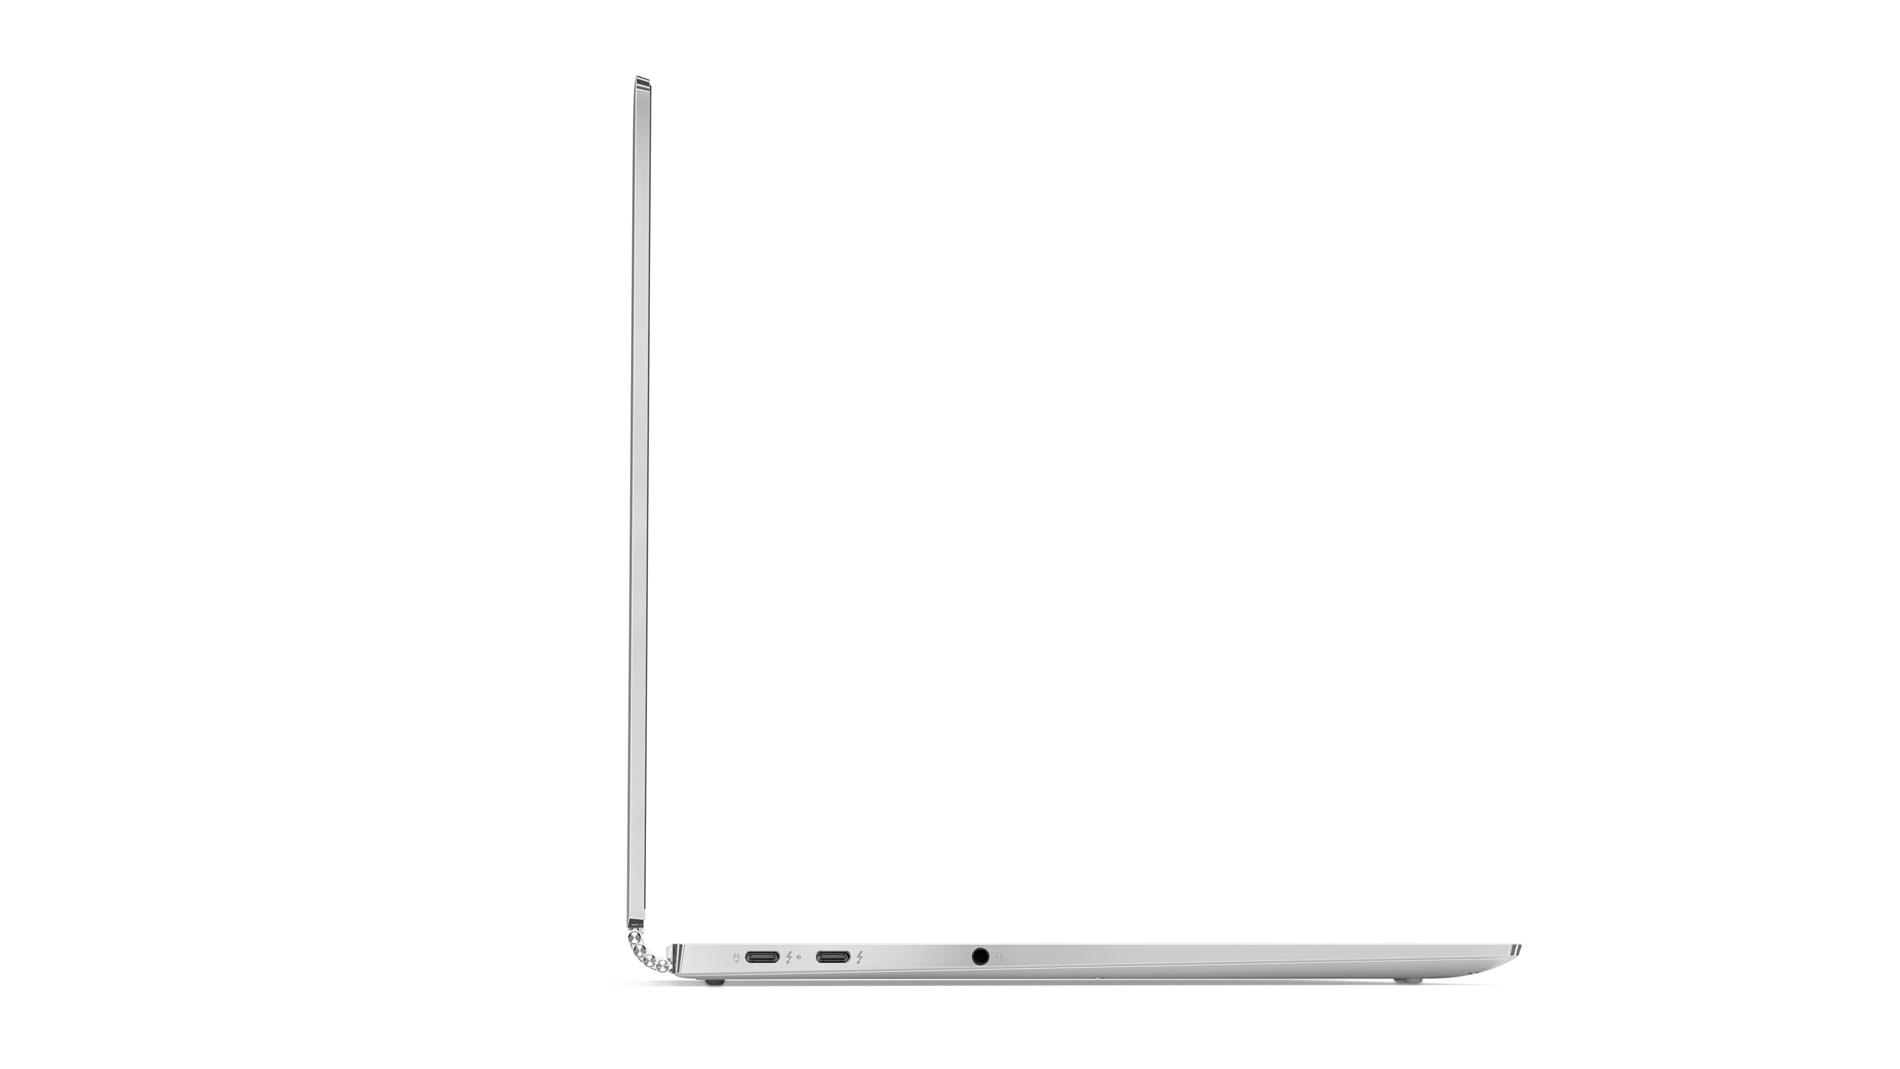 Фото  Ультрабук Lenovo Yoga 920 Platinum (80Y700ABRA)